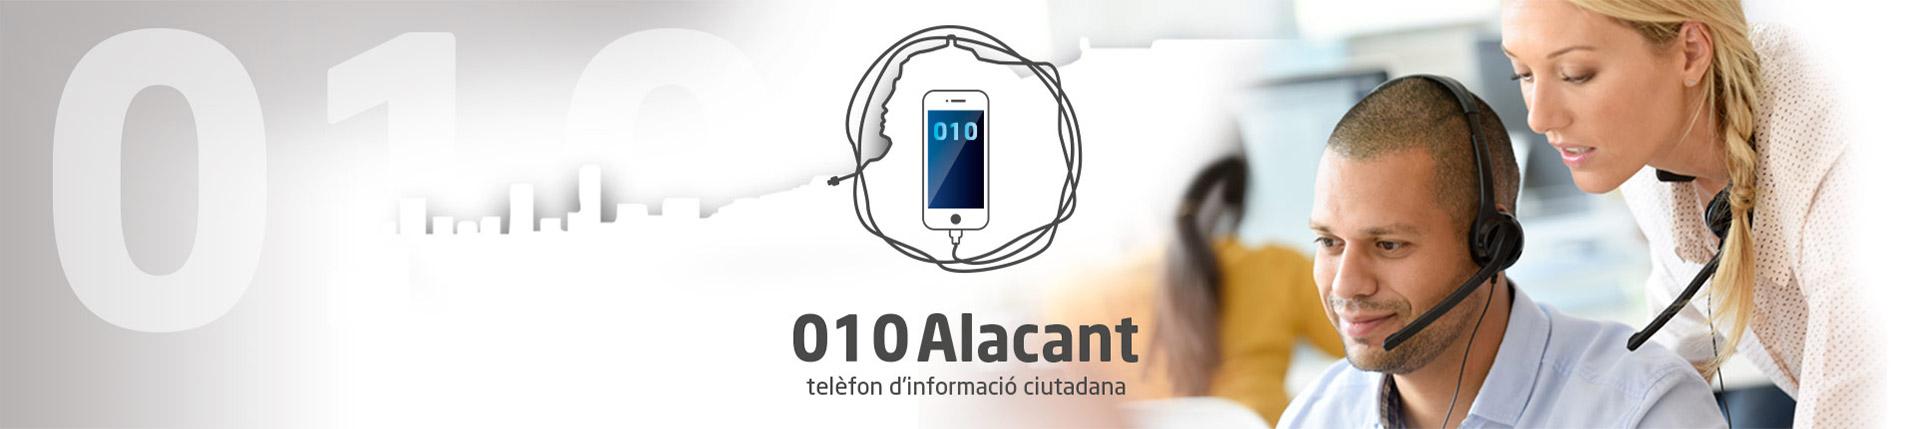 Servici d'informació per mitjà de la marcació telefònica 010